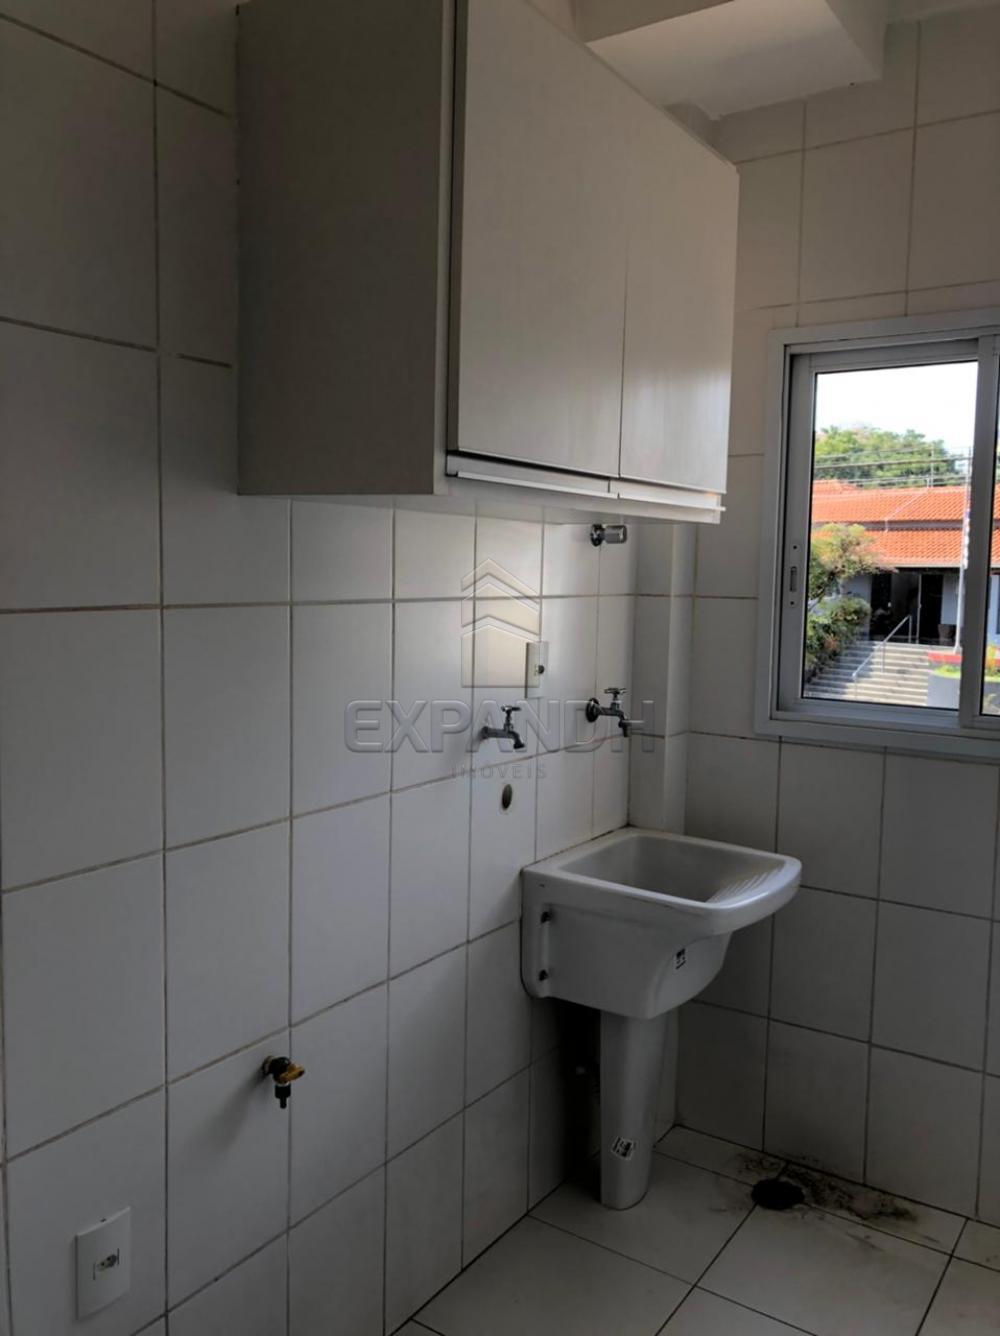 Alugar Apartamentos / Padrão em Sertãozinho R$ 1.200,00 - Foto 6